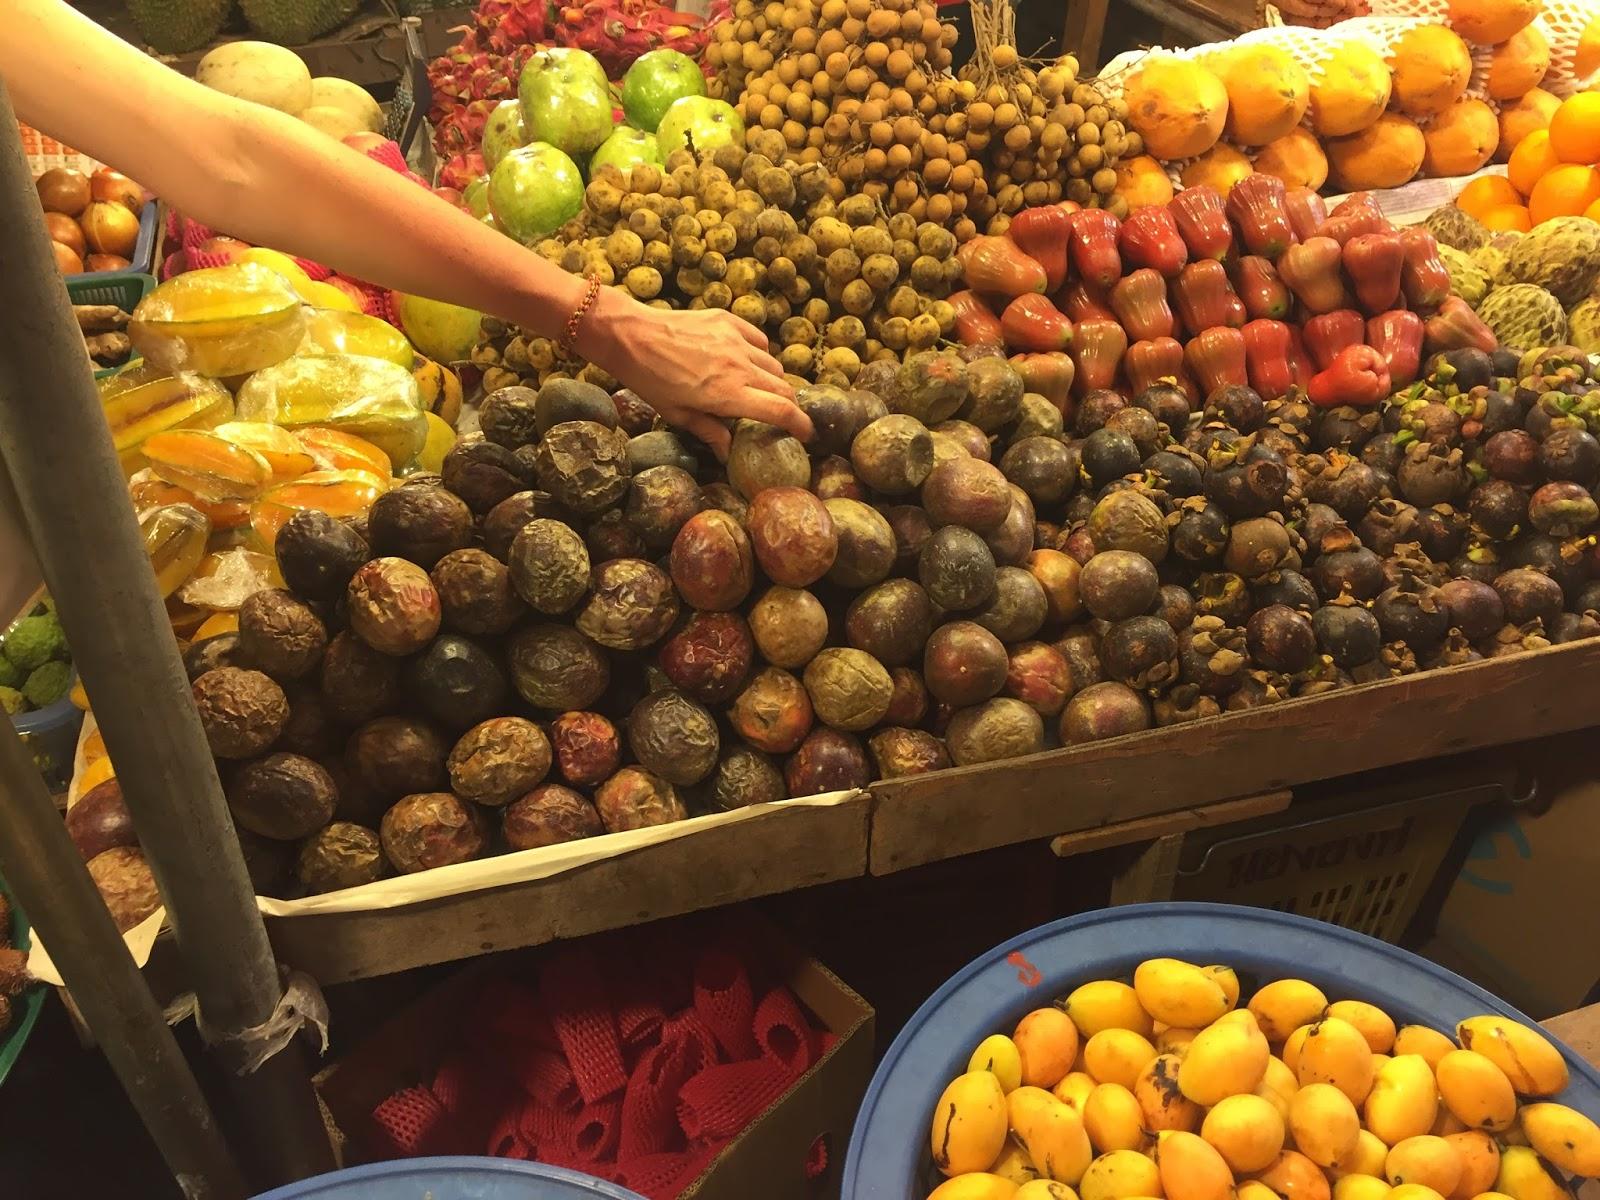 популярность фрукт паттайя фото смотрятся таких